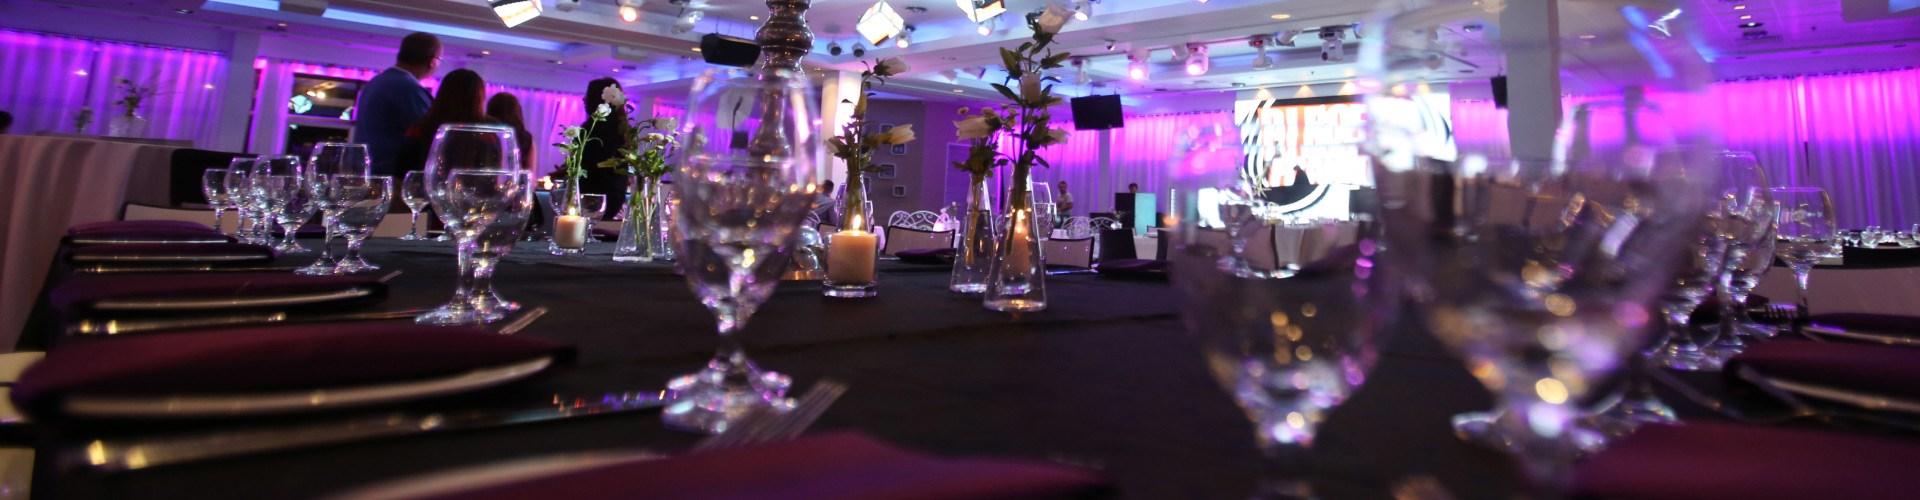 אולמות אירועים וכנסים במלון חוף התמרים עכו